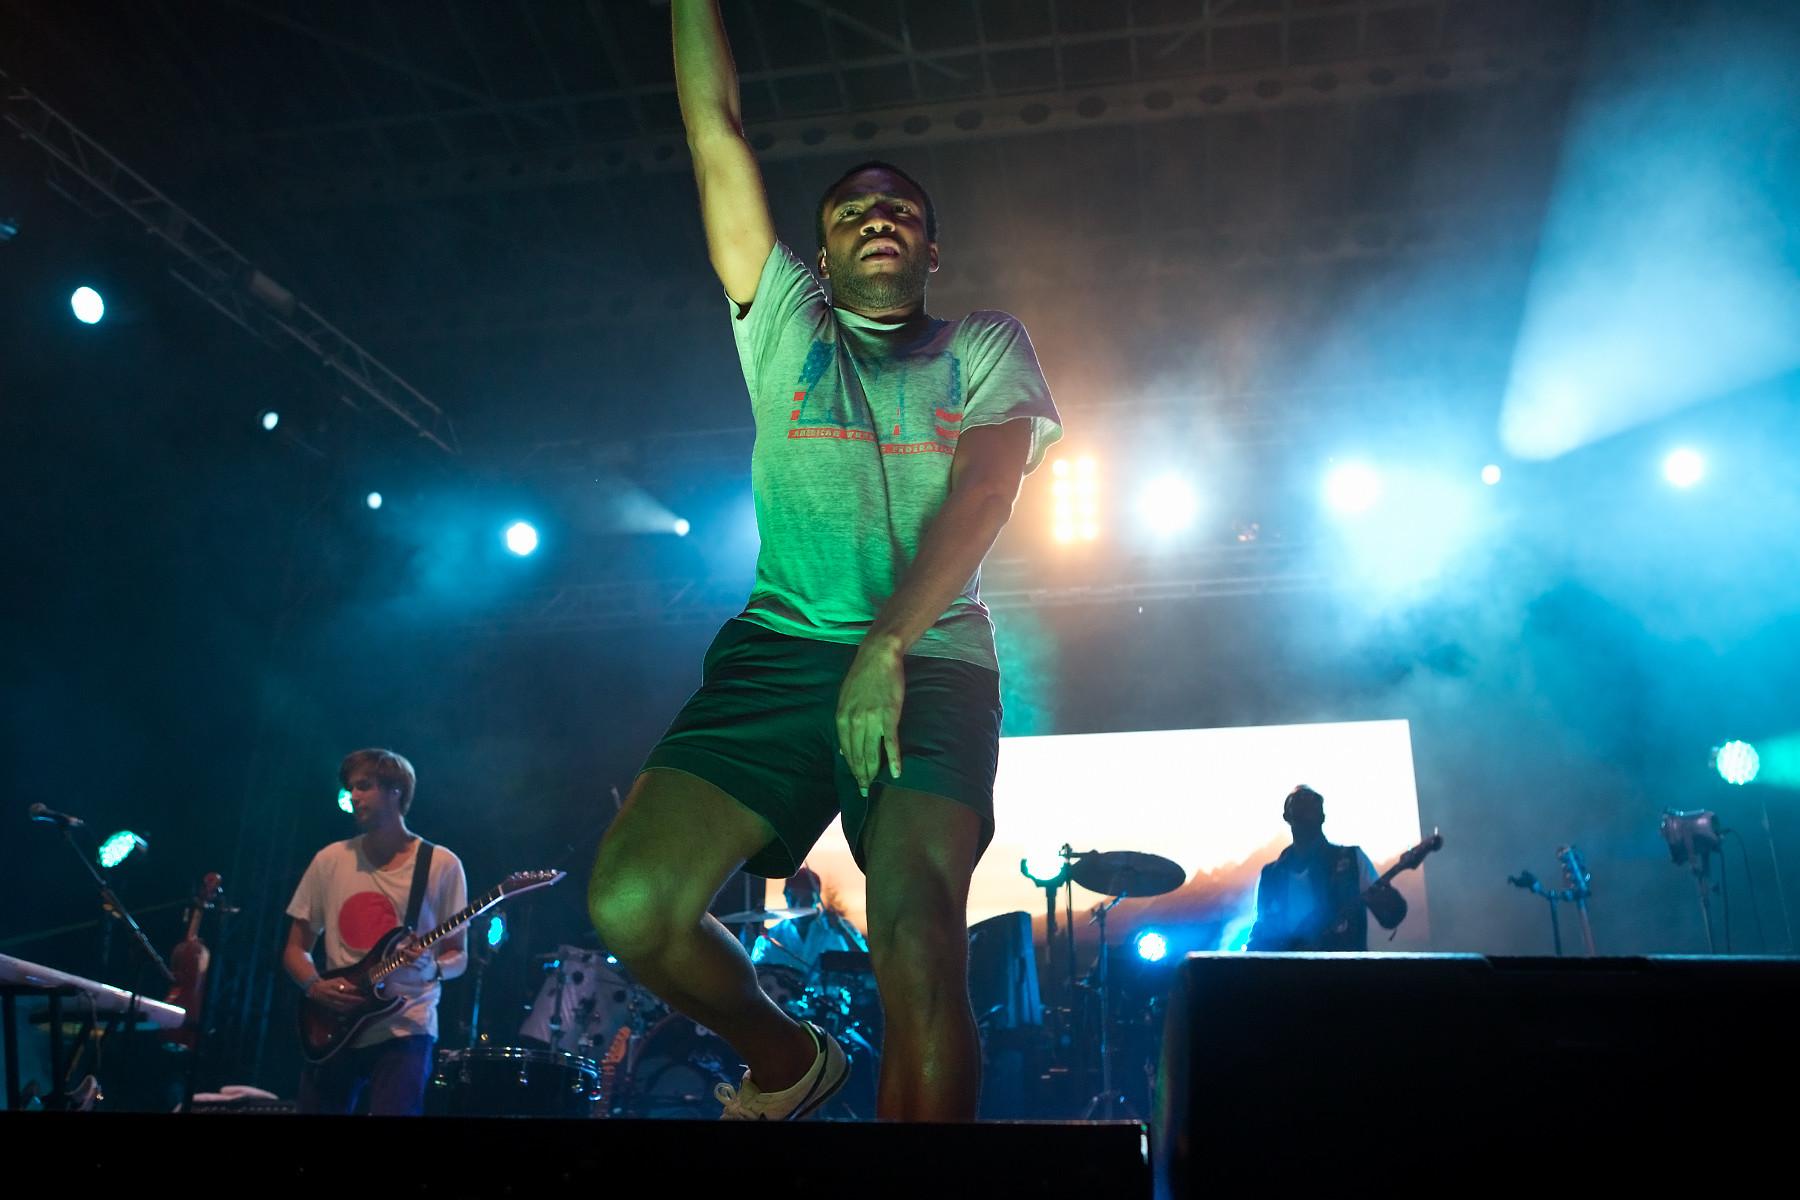 Childish Gambino @ Lollapalooza 2012